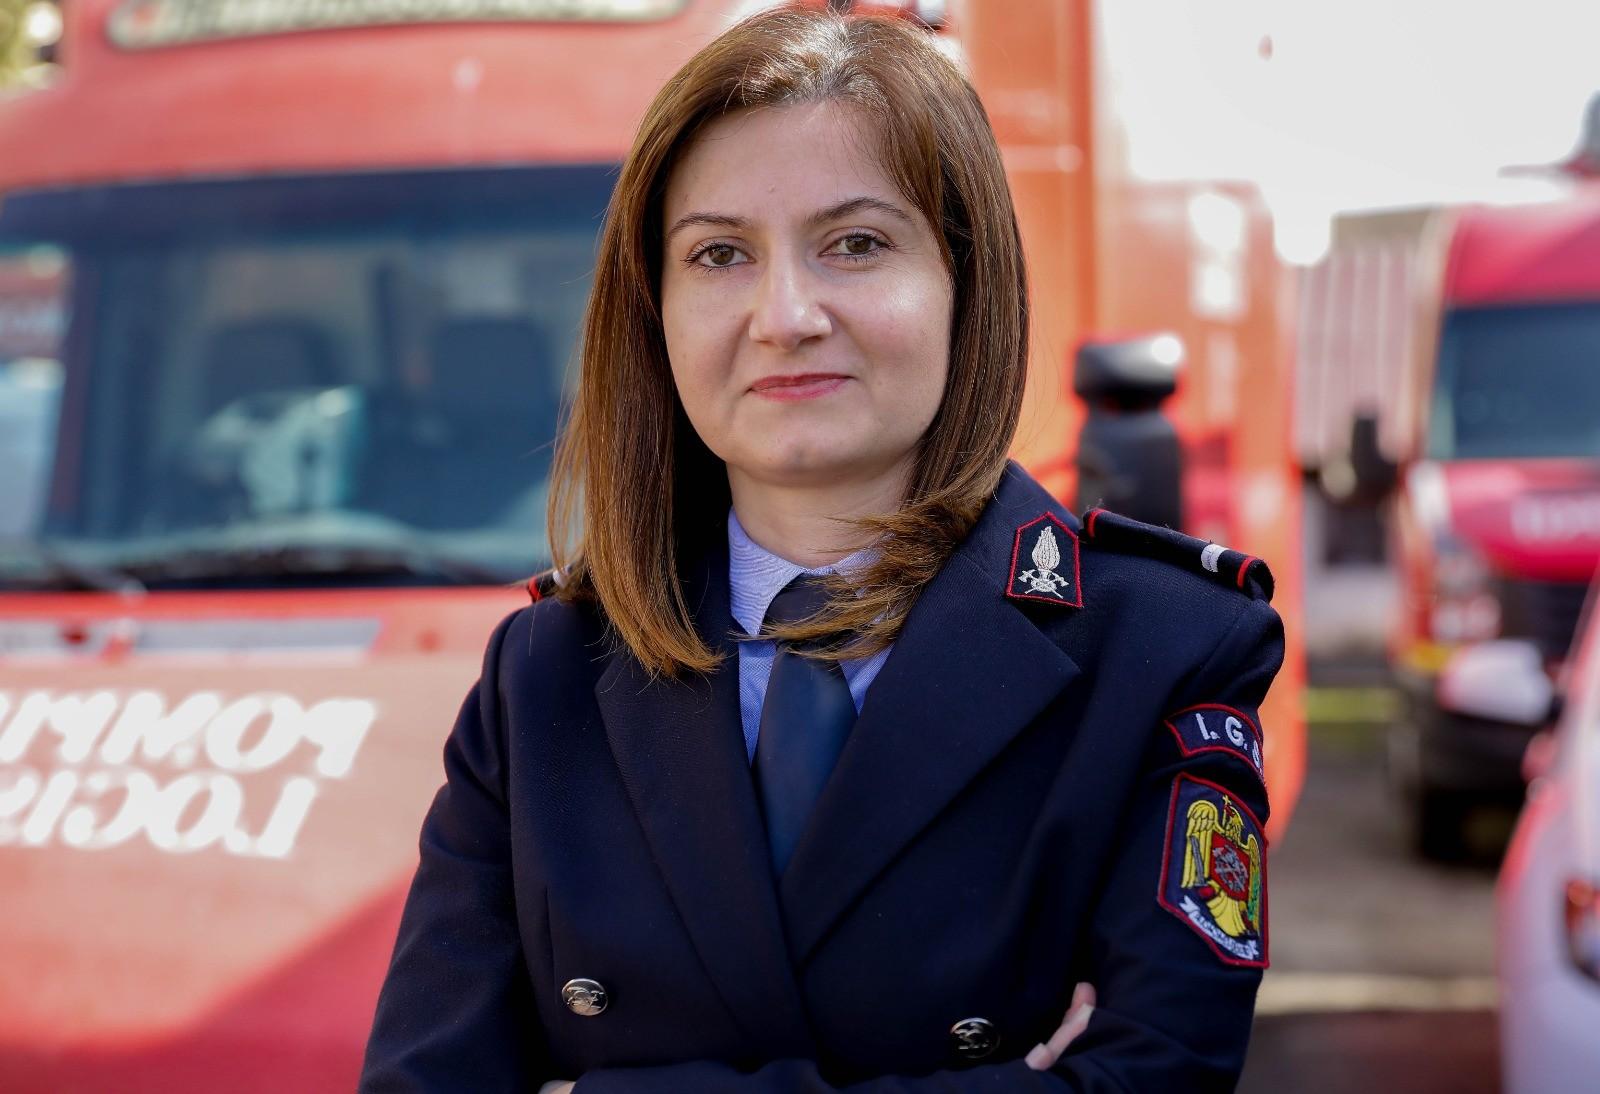 """Diana Lazăr, fost purtător de cuvânt este acum împuternicit șef al Serviciului de Resurse Umane în cadrul ISU Sibiu, iar din """"familia de pompieri"""" face parte din anul 2007. La întrebarea """"De ce ISU Sibiu?"""" Răspunsul Dianei Lazăr a fost """"Deoarece descoperi provocări la tot pasul și îți descoperi limitele. Pe mine mă ajută să descoper și să construiesc o variantă mai bună a mea."""""""